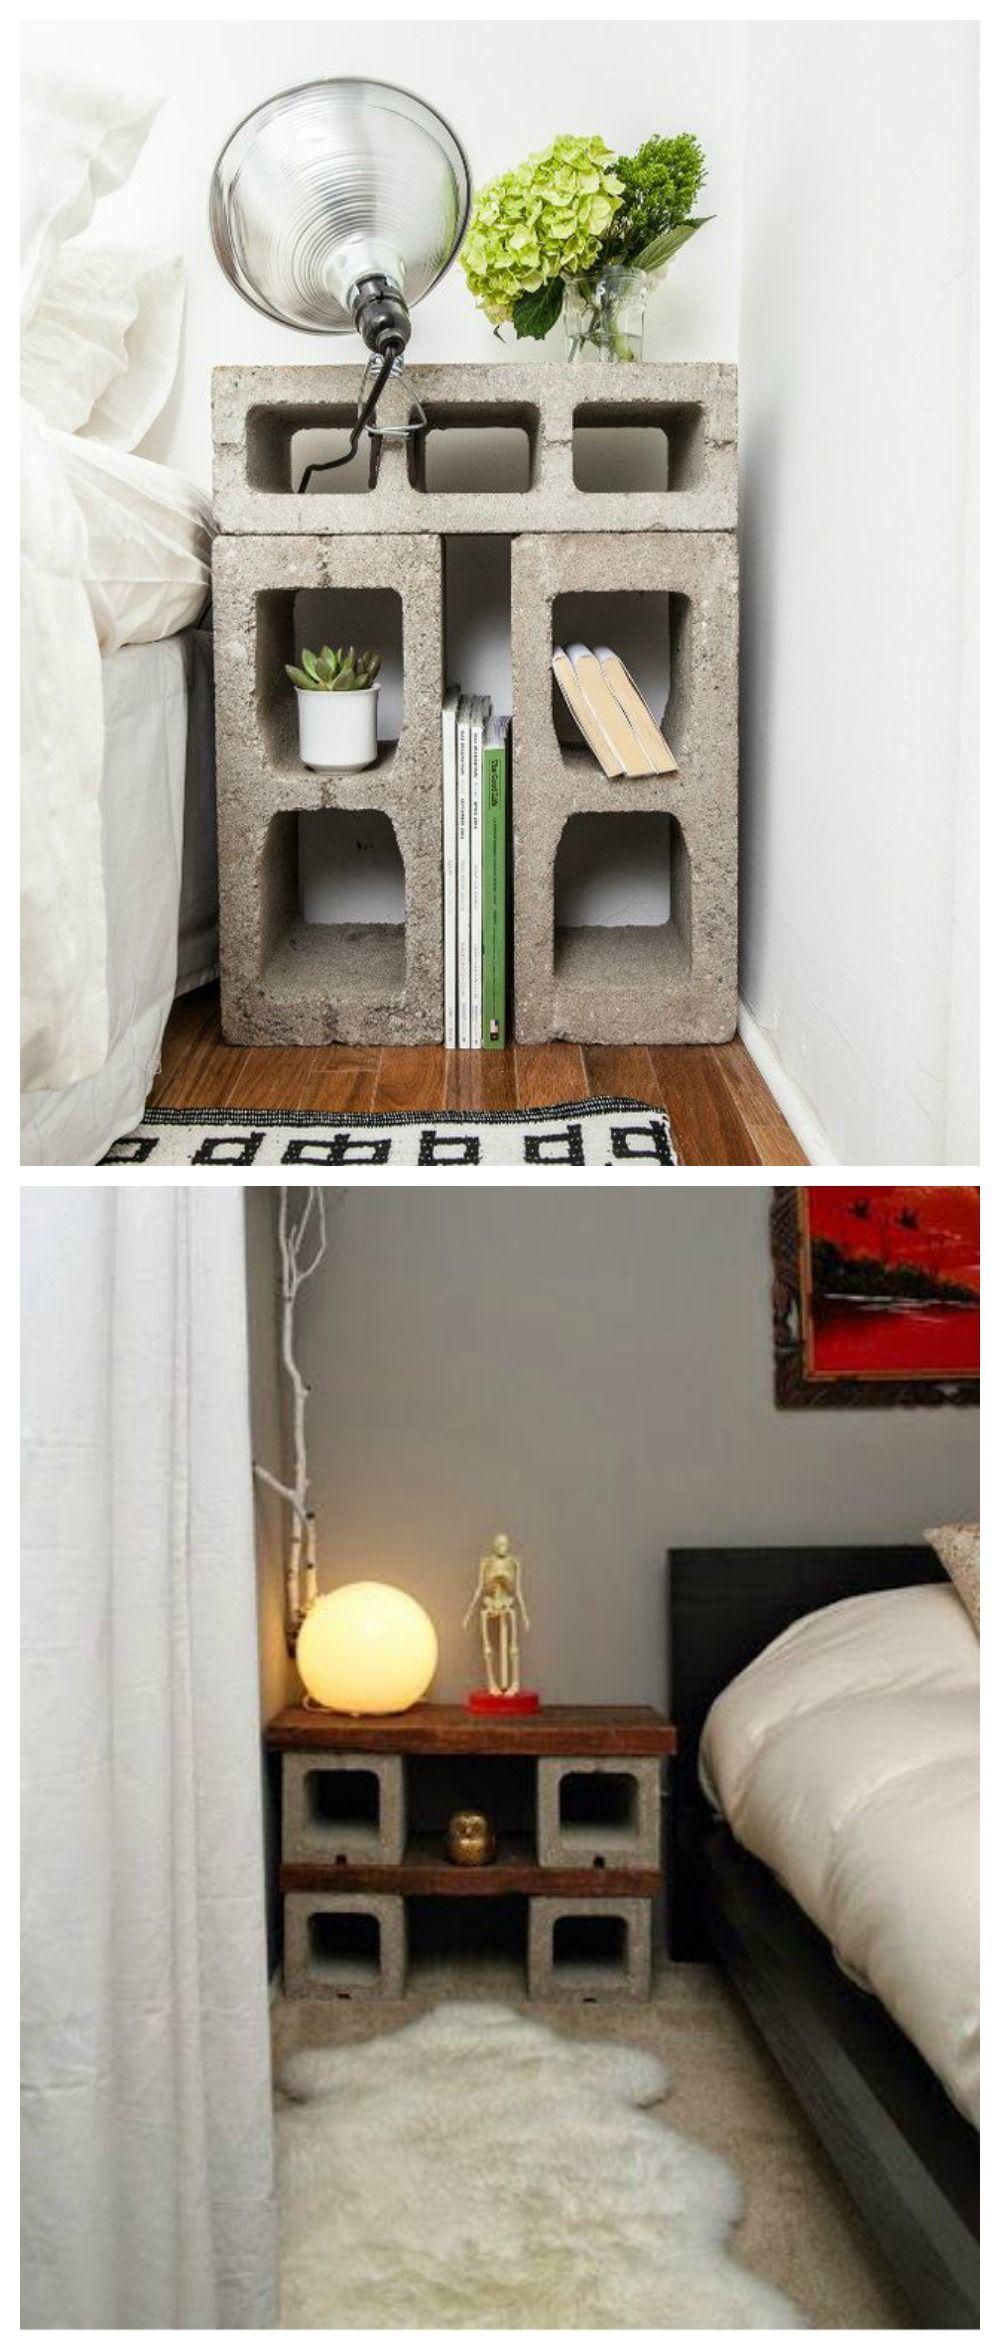 Muebles Con Bloques De Hormigón Decoracion De Interiores Decoración De Unas Muebles De Bloques De Hormigón